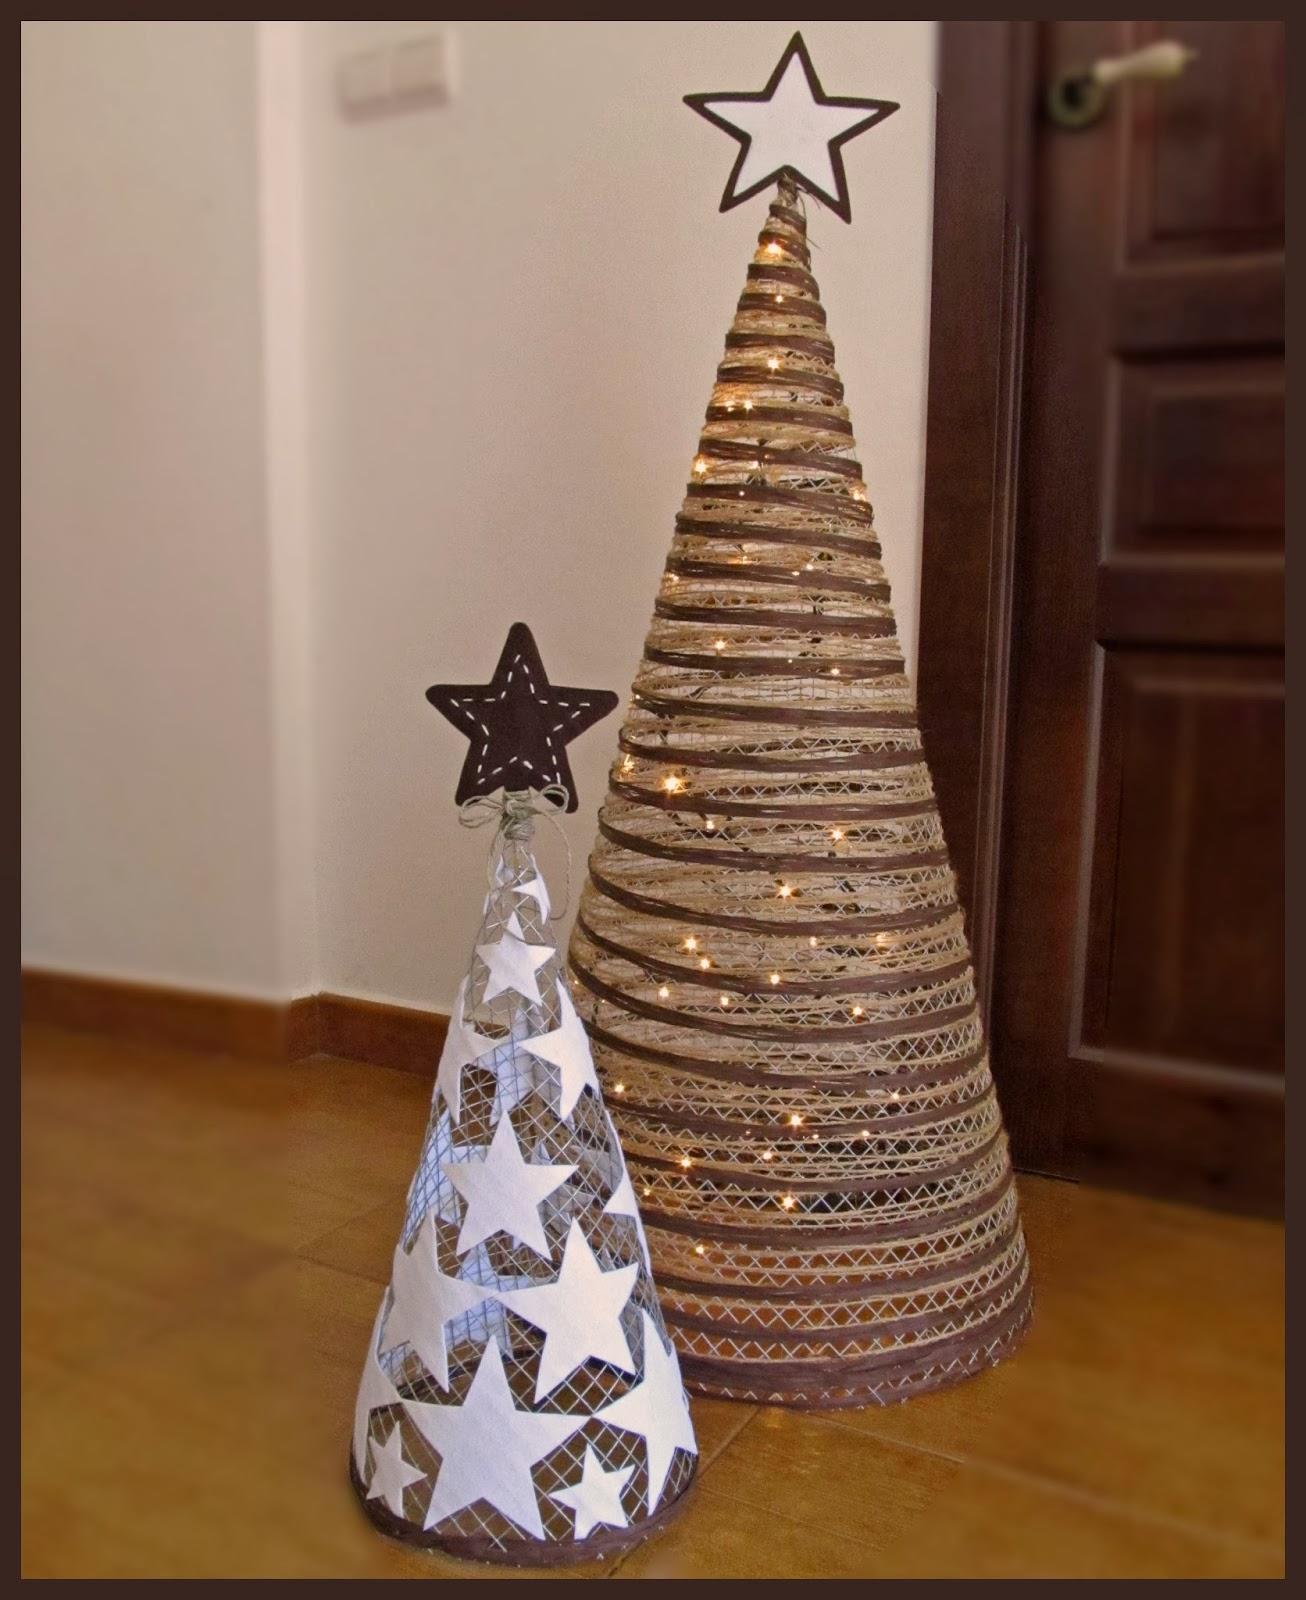 Pepa pepita diy arbolitos de navidad - Arbol de navidad de alambre ...